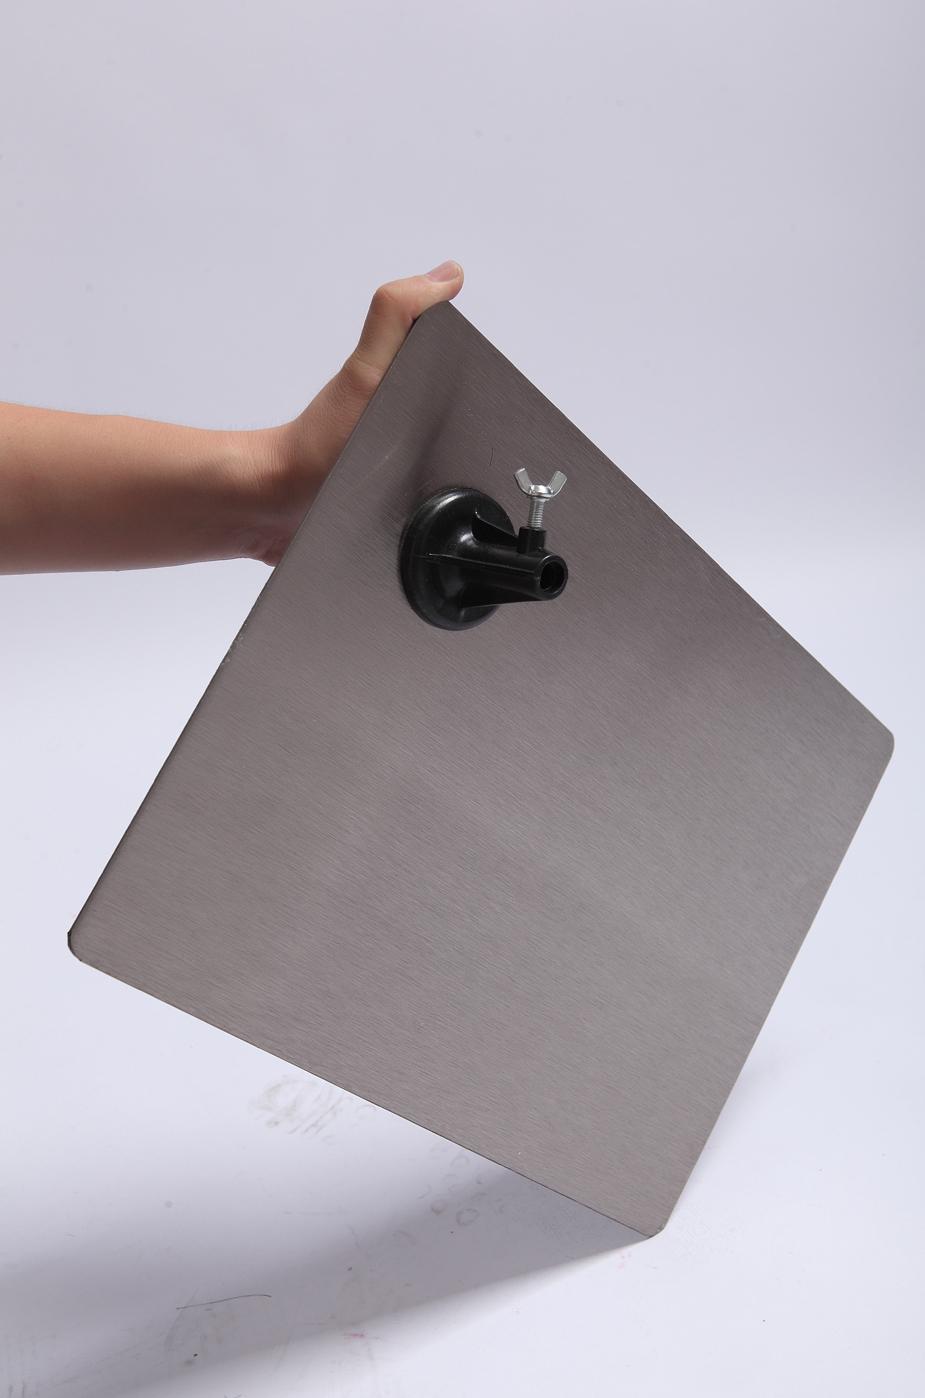 mb1black abstrakt m nnlich schaufensterpuppe schwarz matt ohne kopf mannequin. Black Bedroom Furniture Sets. Home Design Ideas